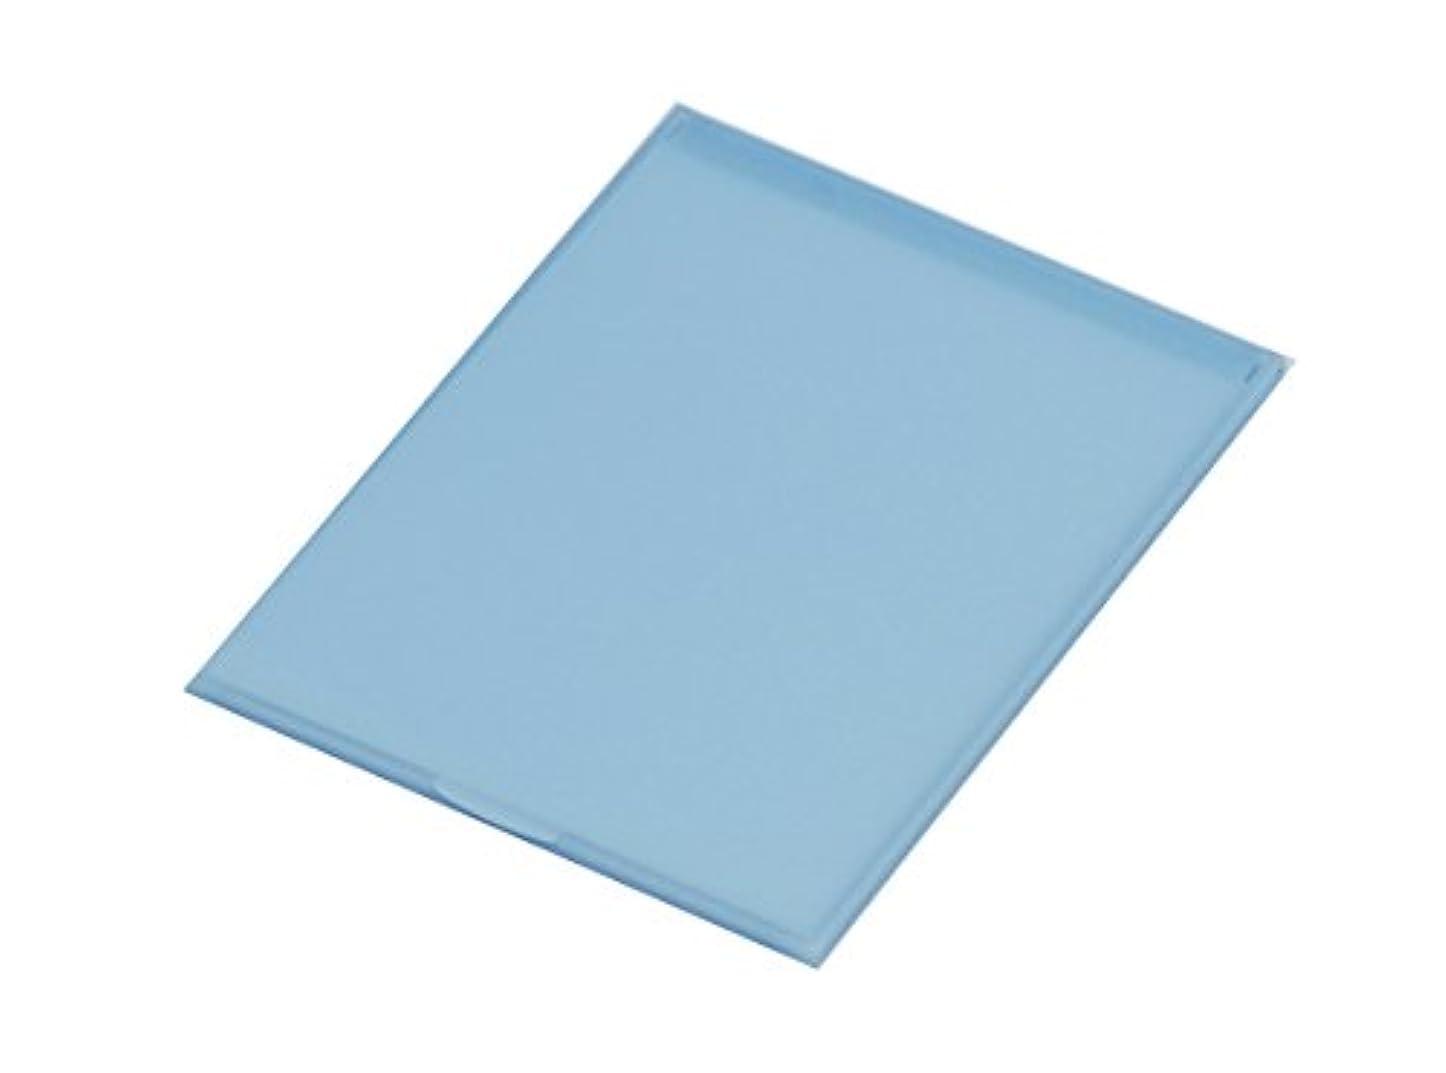 簡単に近代化する肘掛け椅子堀内鏡工業 スリム&ライト パステルカラー コンパクトミラー M ブルー